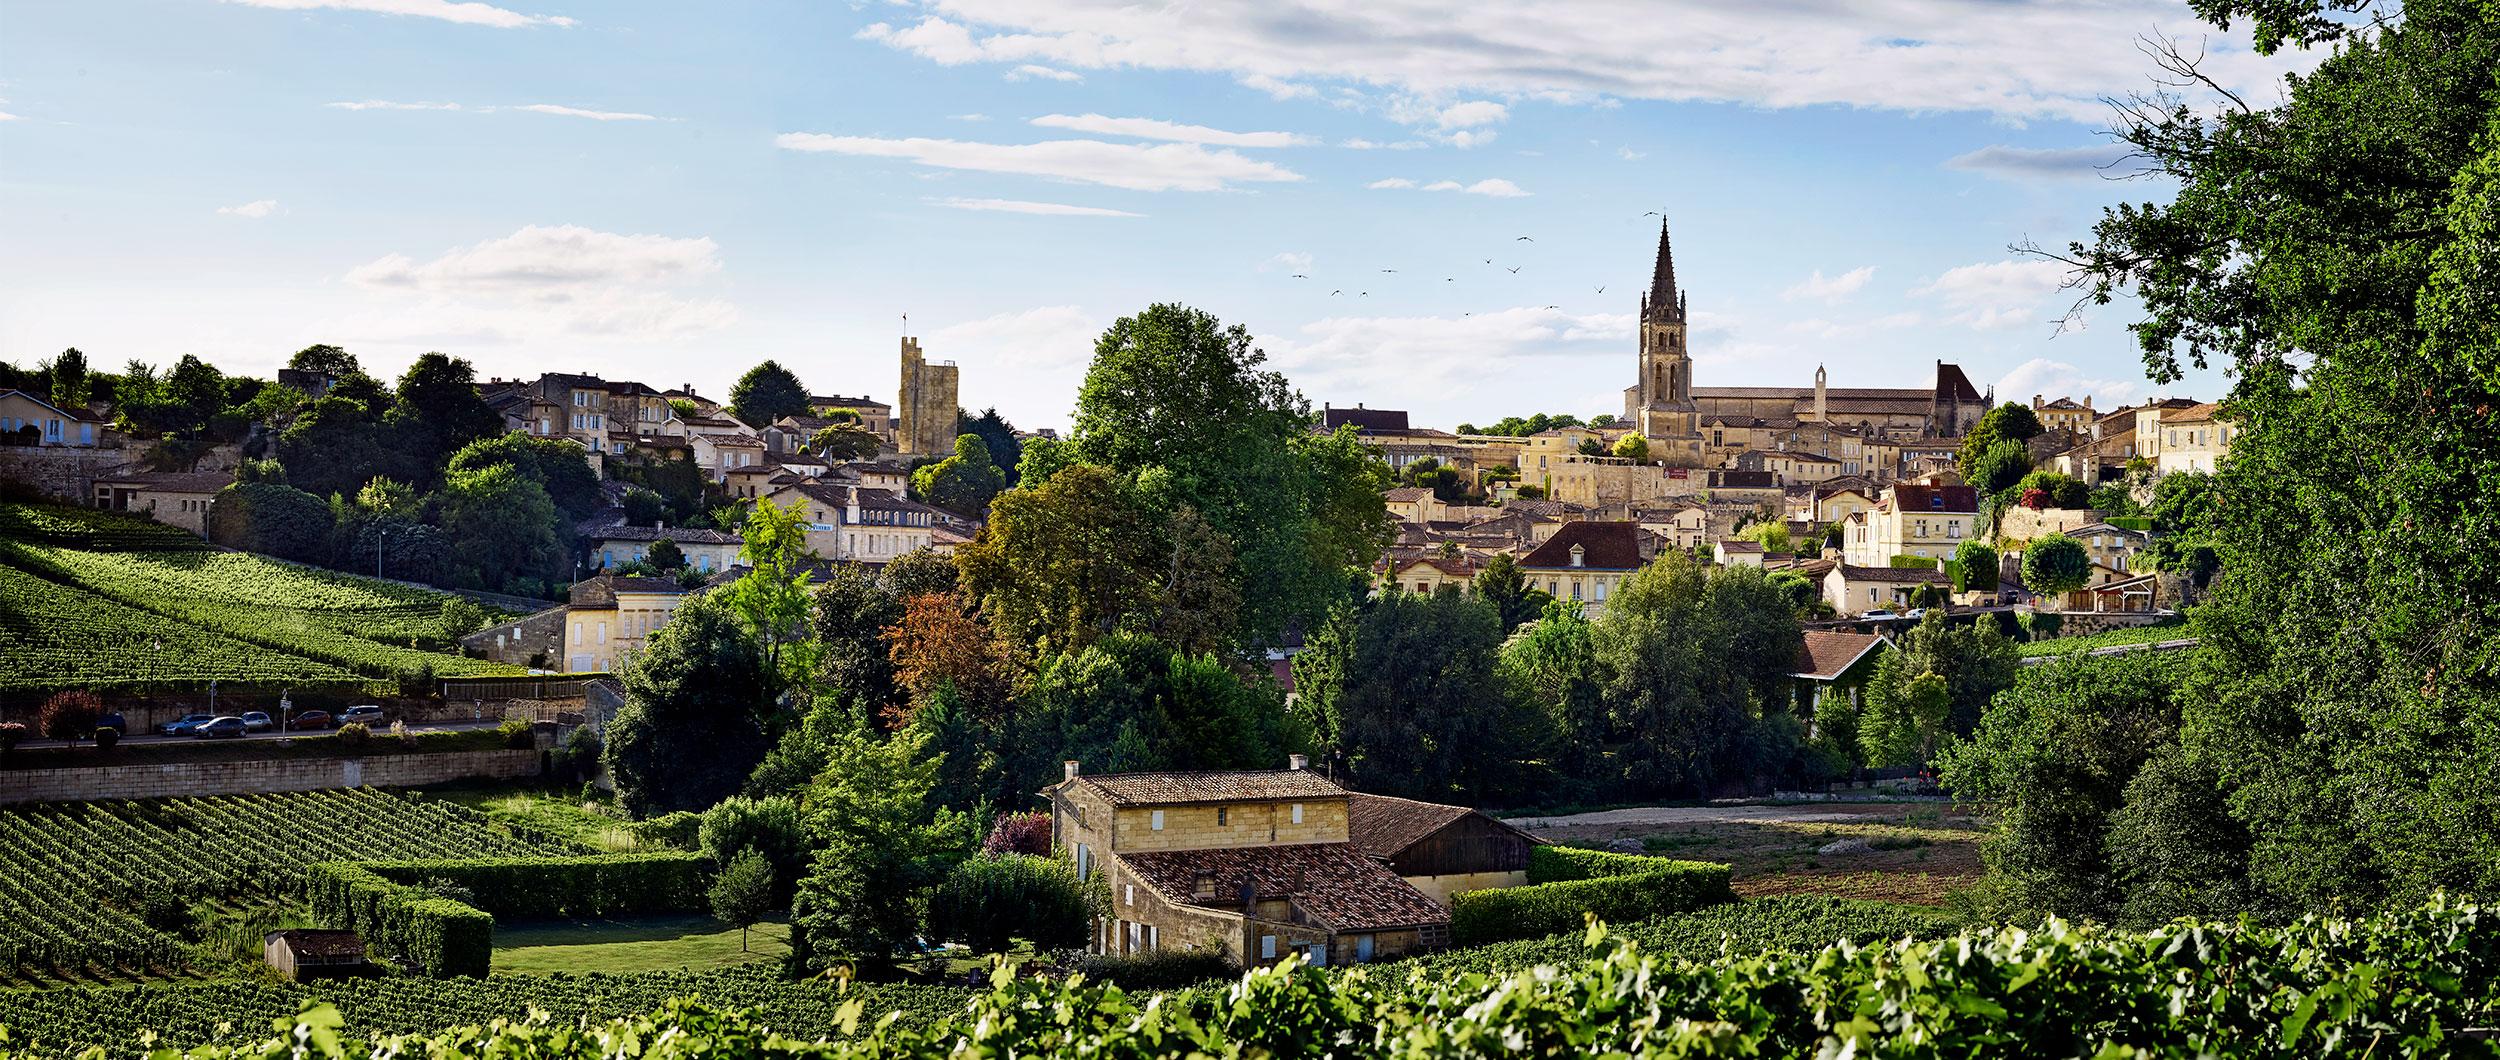 Explore Saint Emilion and Bordeaux wine culture